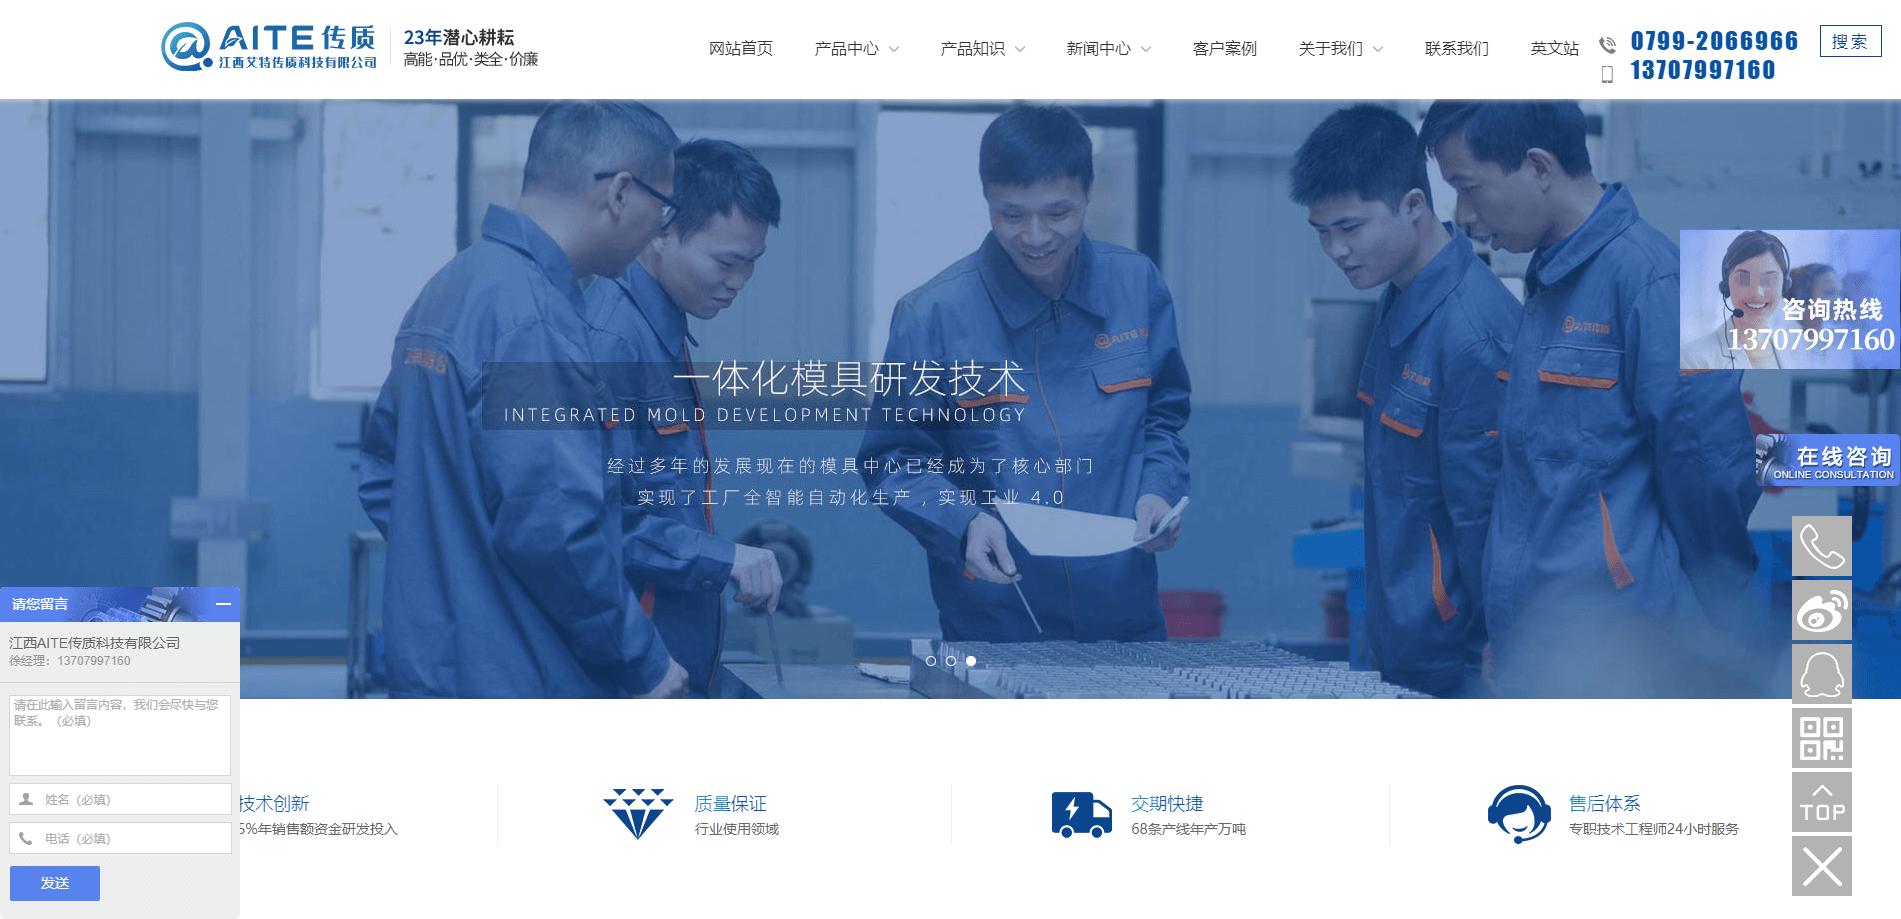 江西艾特传质科技有限公司